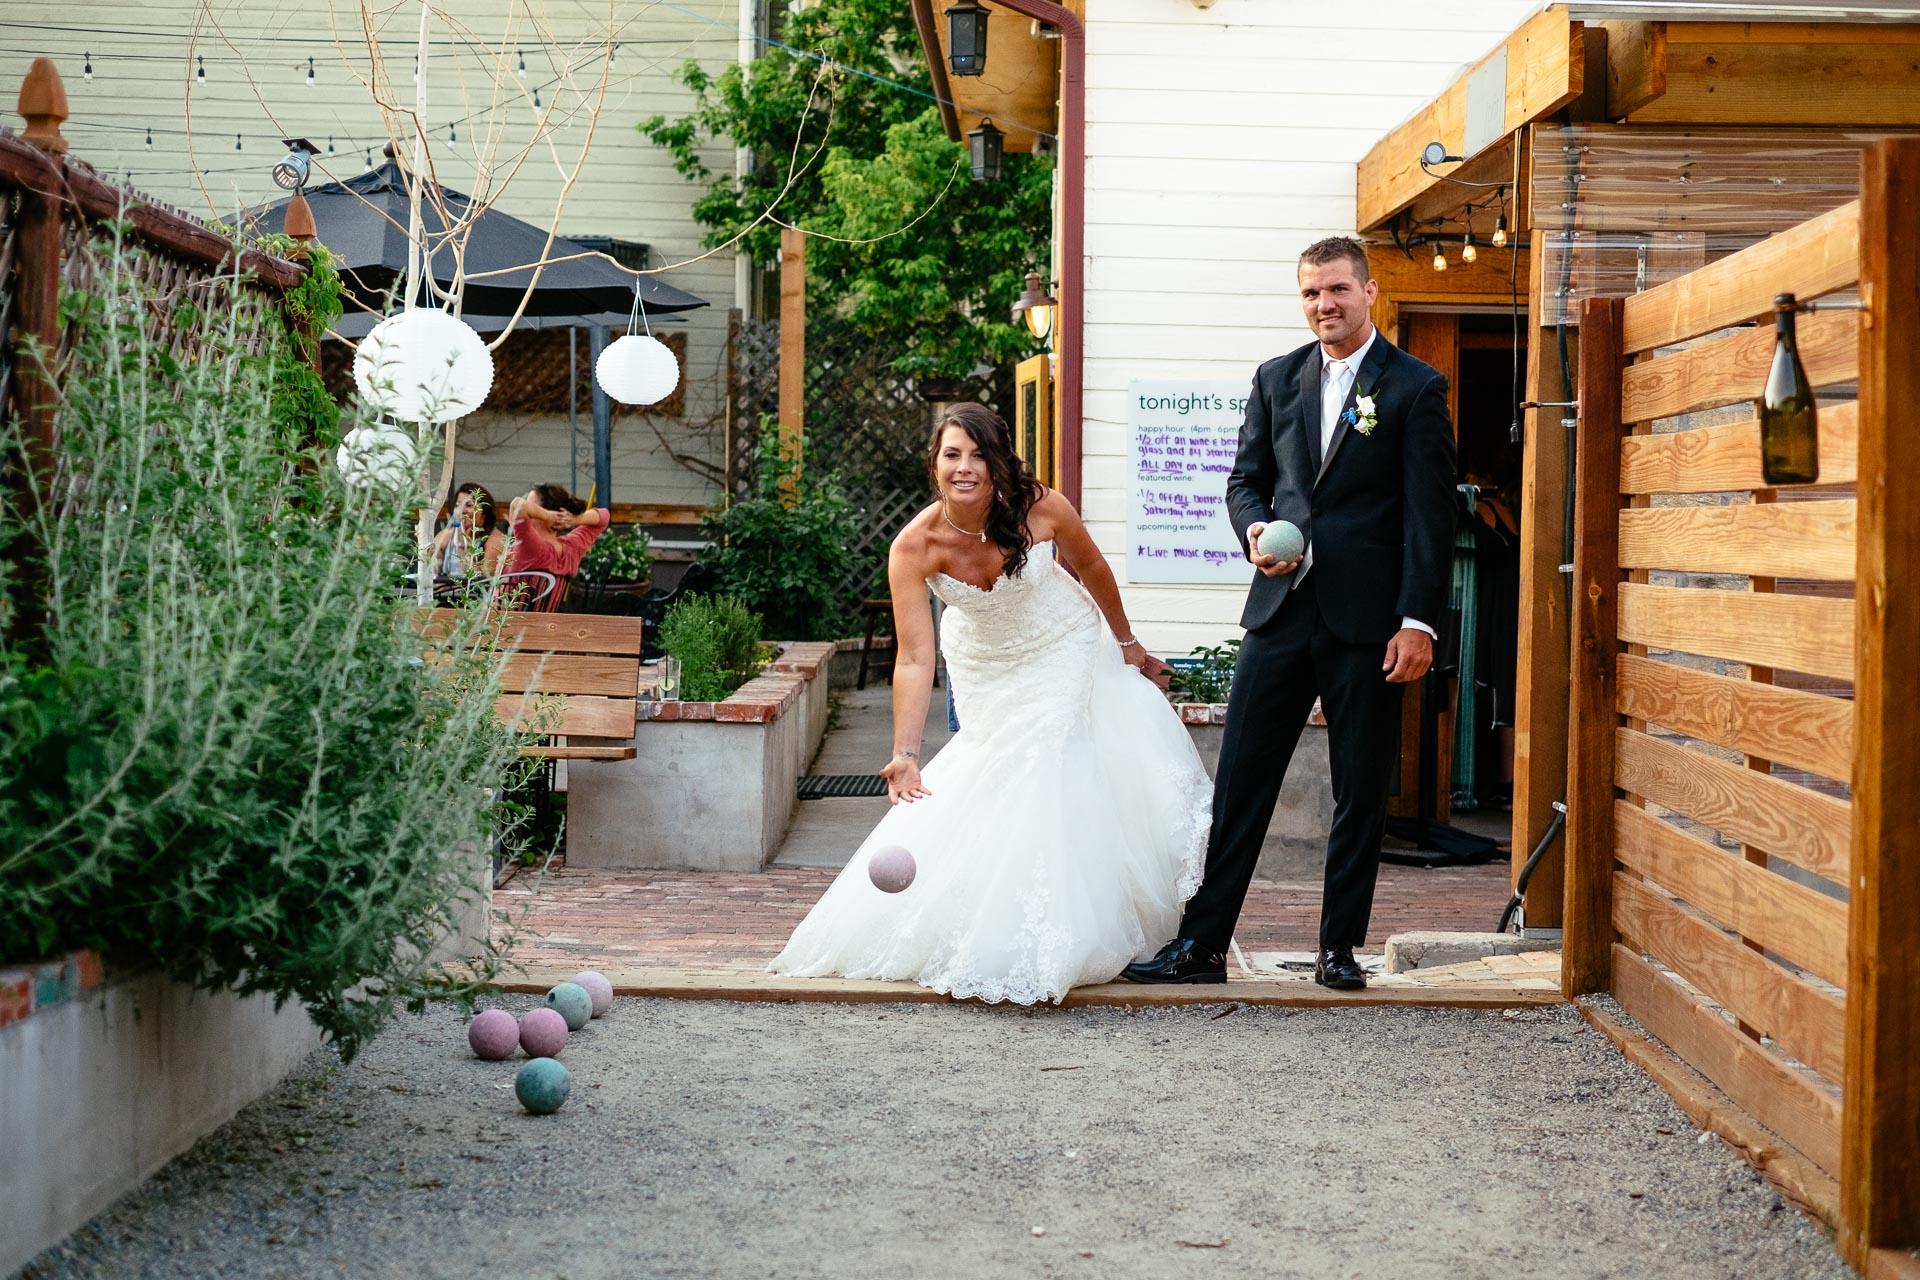 wedding-reception-pôr-louisville